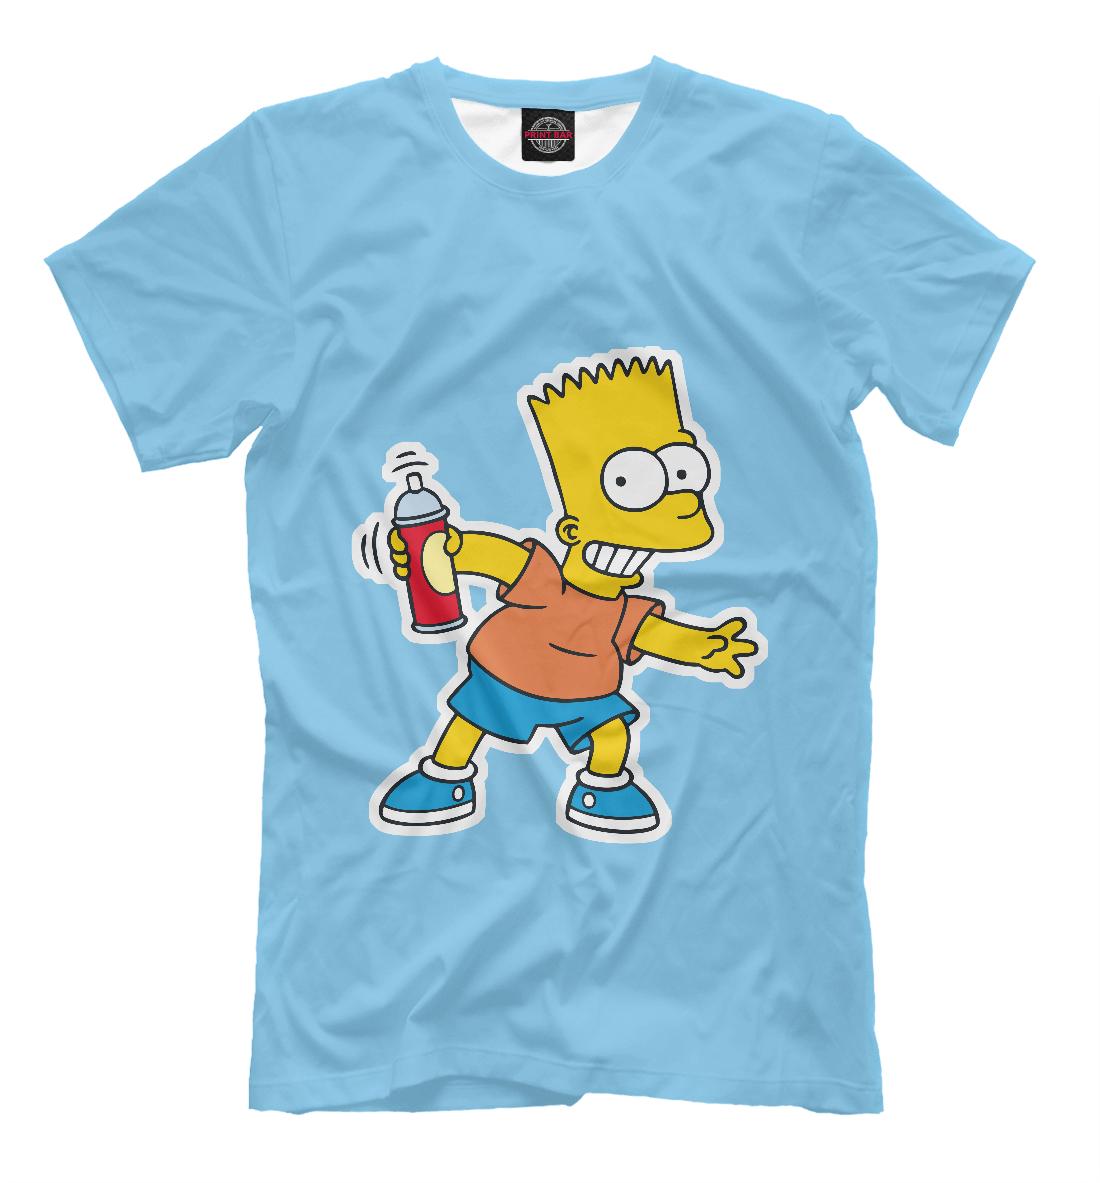 Купить Барт Симпсон с баллончиком, Printbar, Футболки, SIM-737217-fut-2